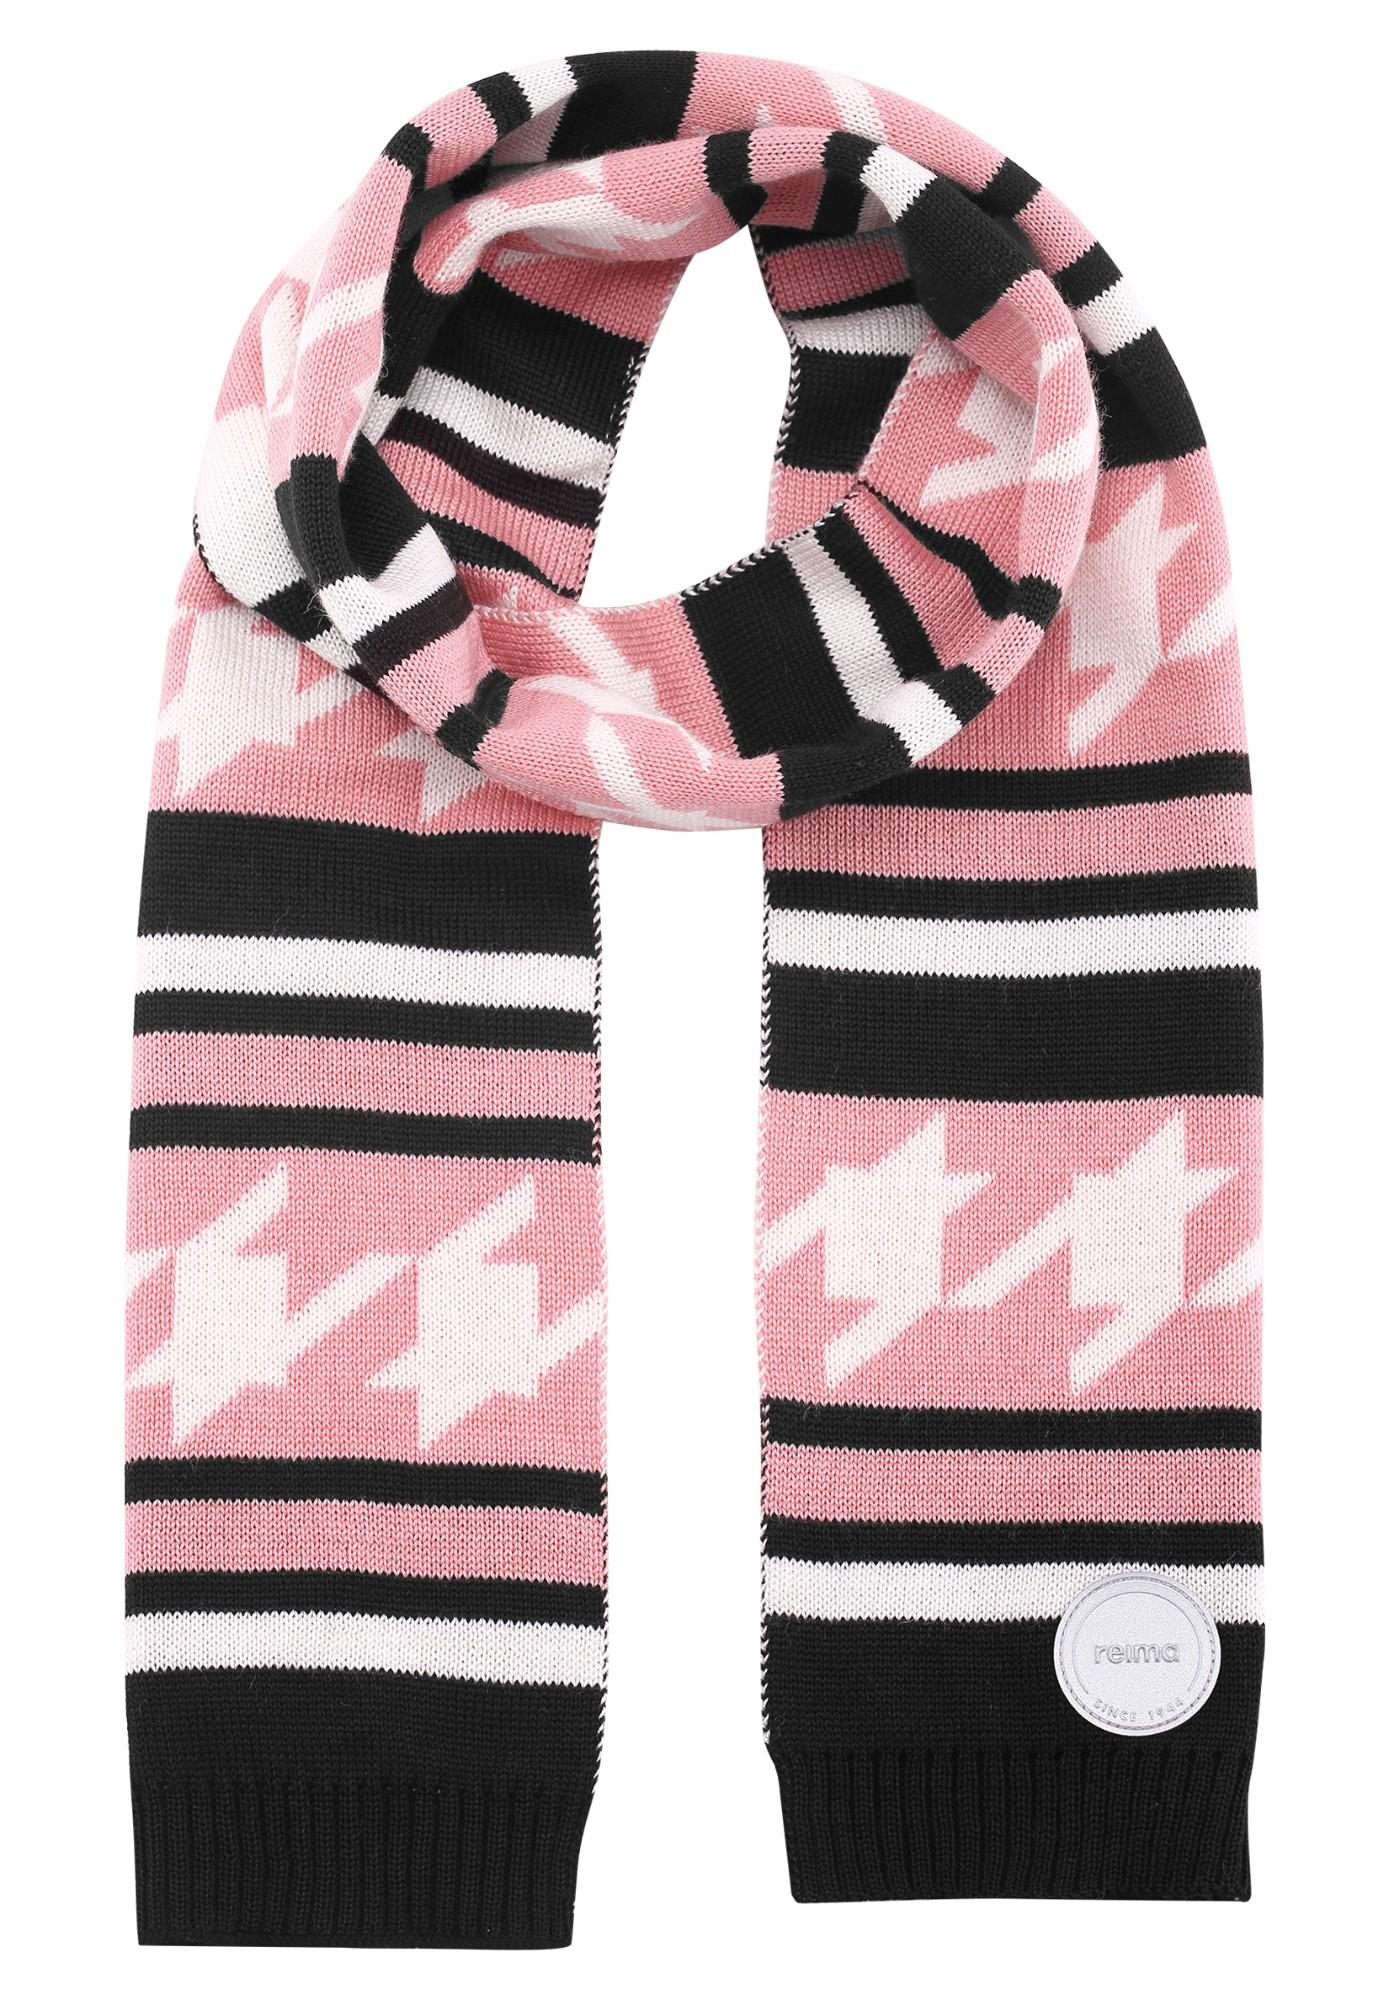 REIMA Iisko Bubblegum Pink One size